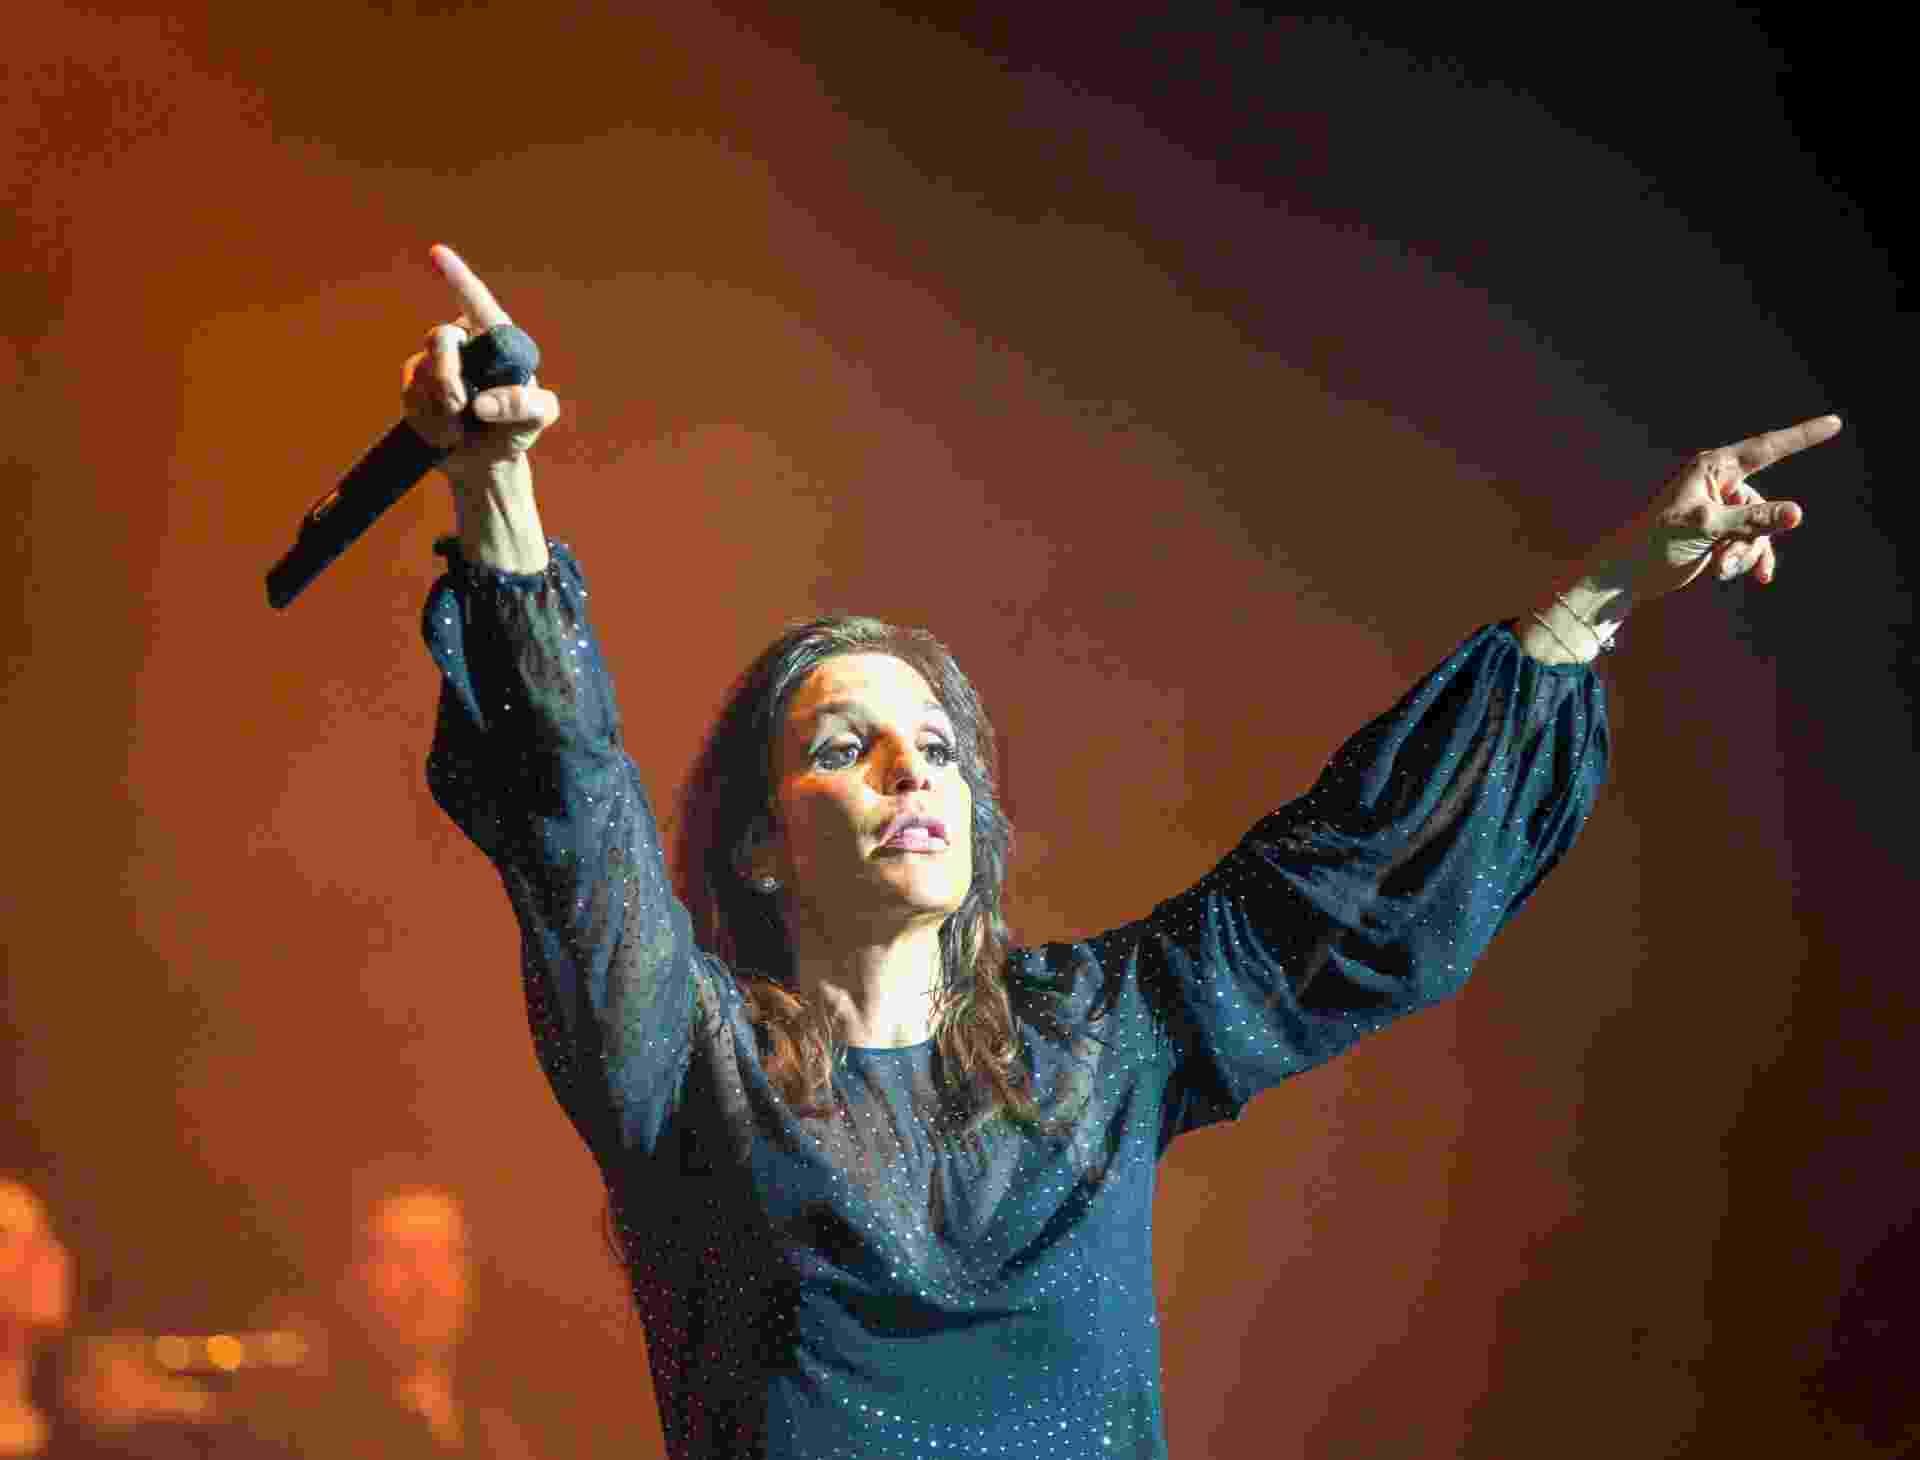 16.ago.2013 - Ivete Sangalo apresenta show Real Fantasia no Lynn Auditorium na cidade de Lynn, nos EUA - Agência Fred Pontes/Divulgação